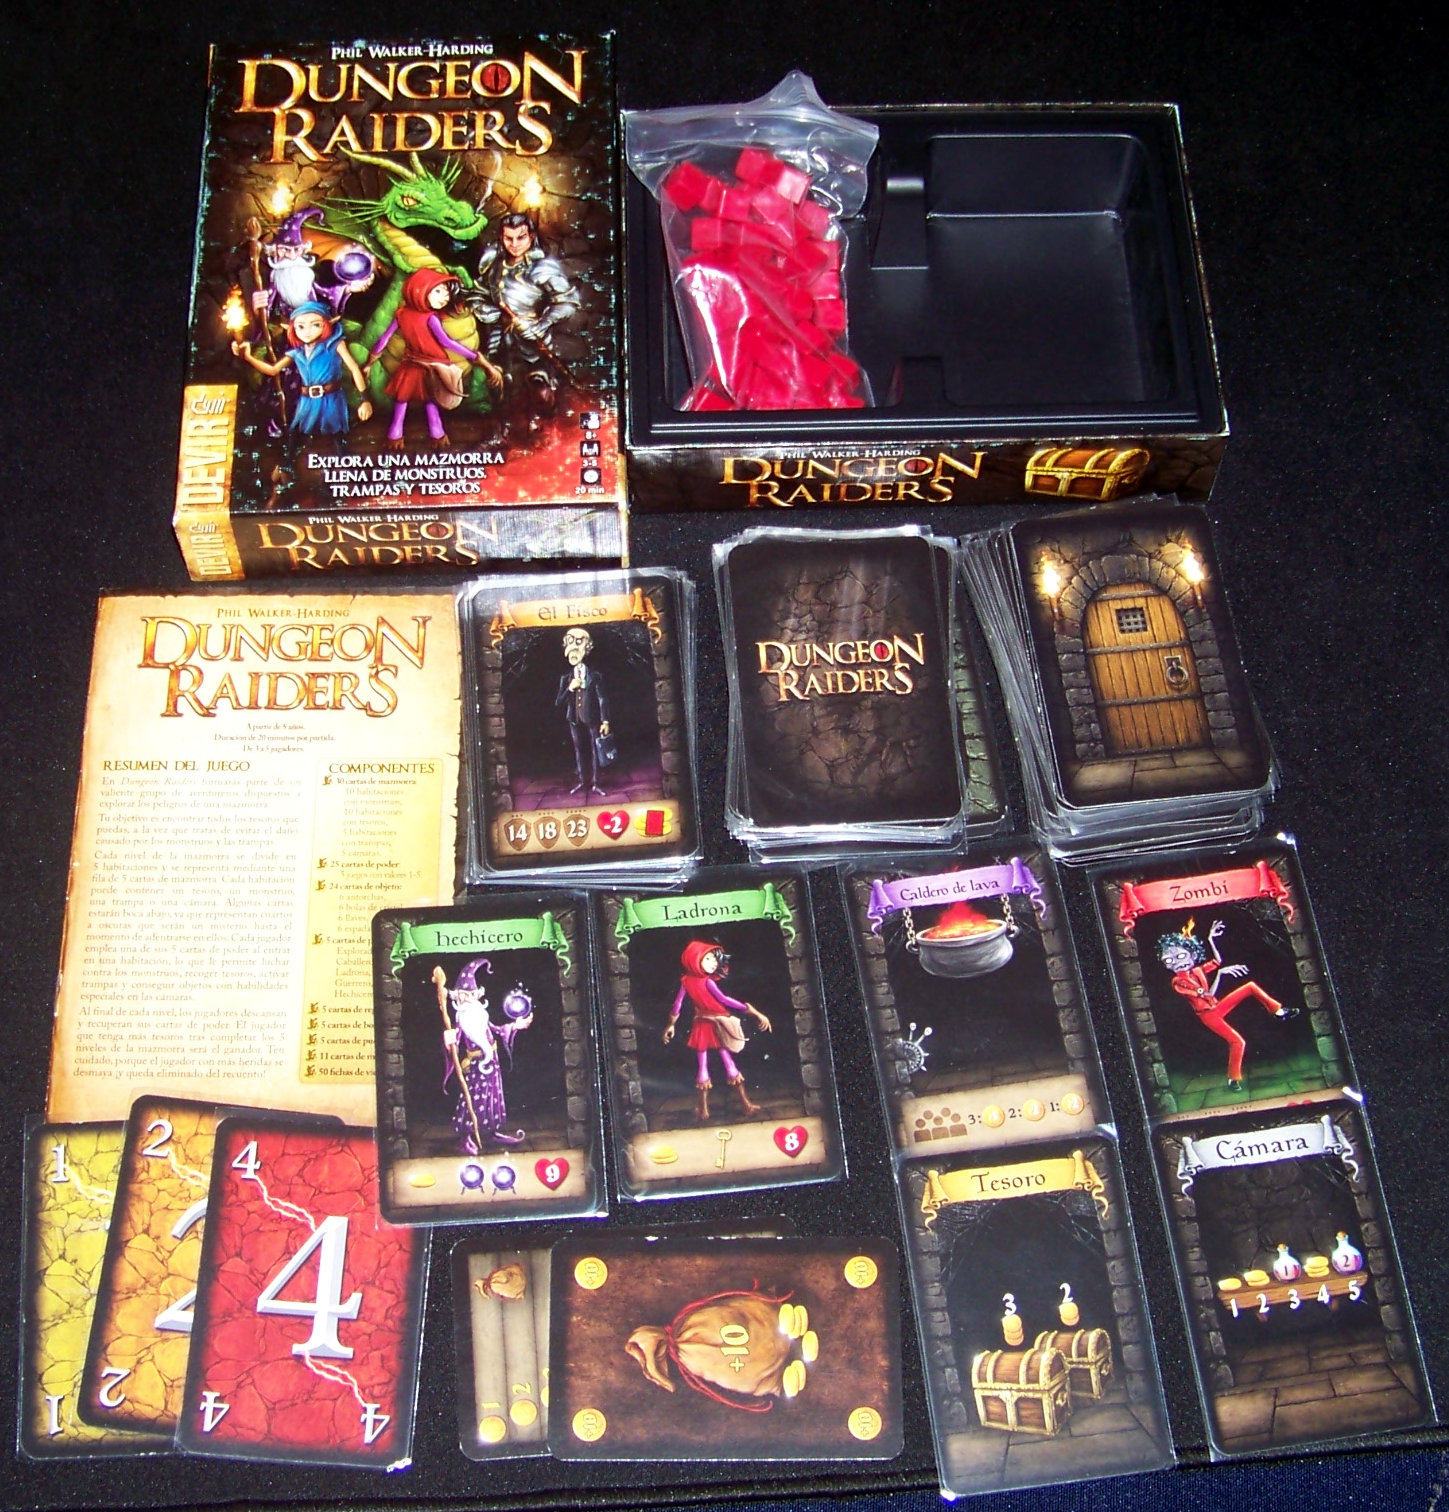 Juego de mesa Dungeon Raiders - contenido